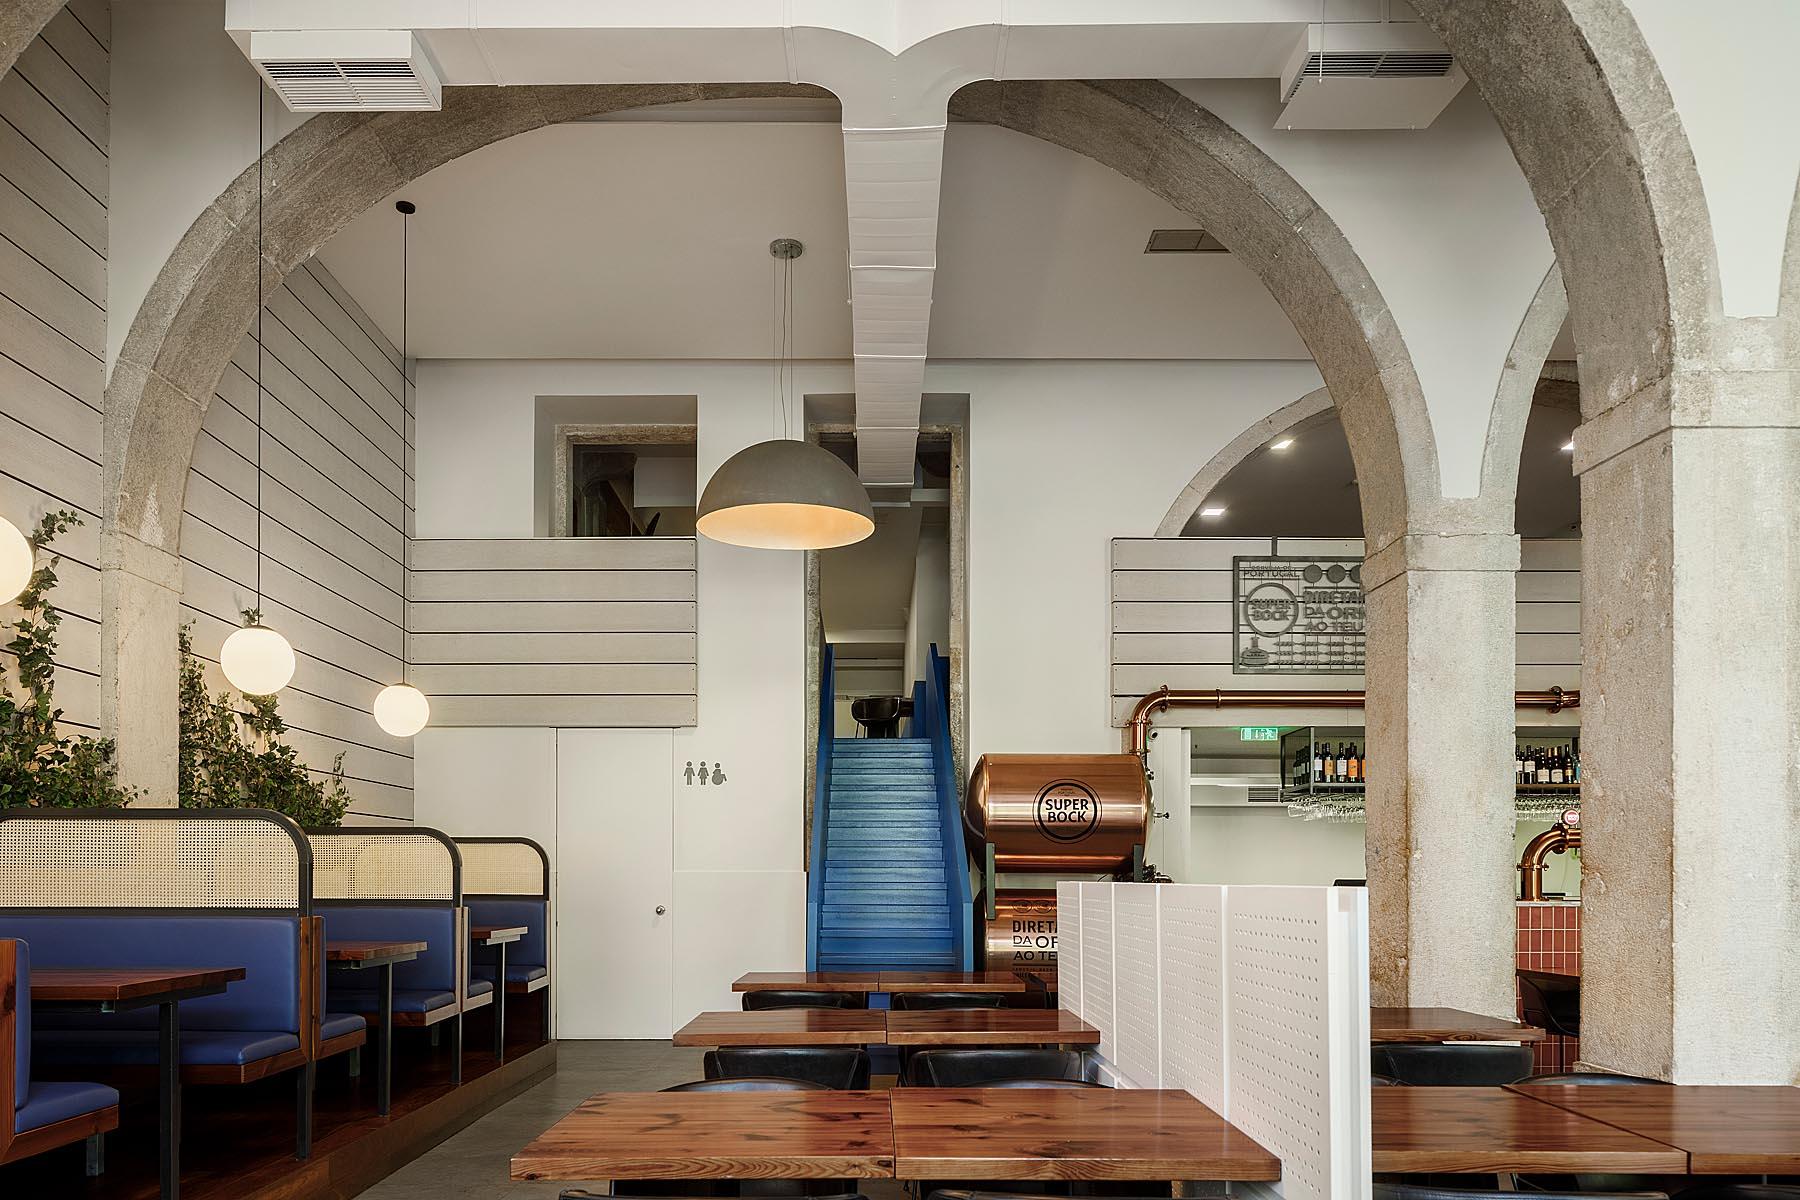 Restaurante Marco em Santos, Lisboa, do atelier de Arquitectura